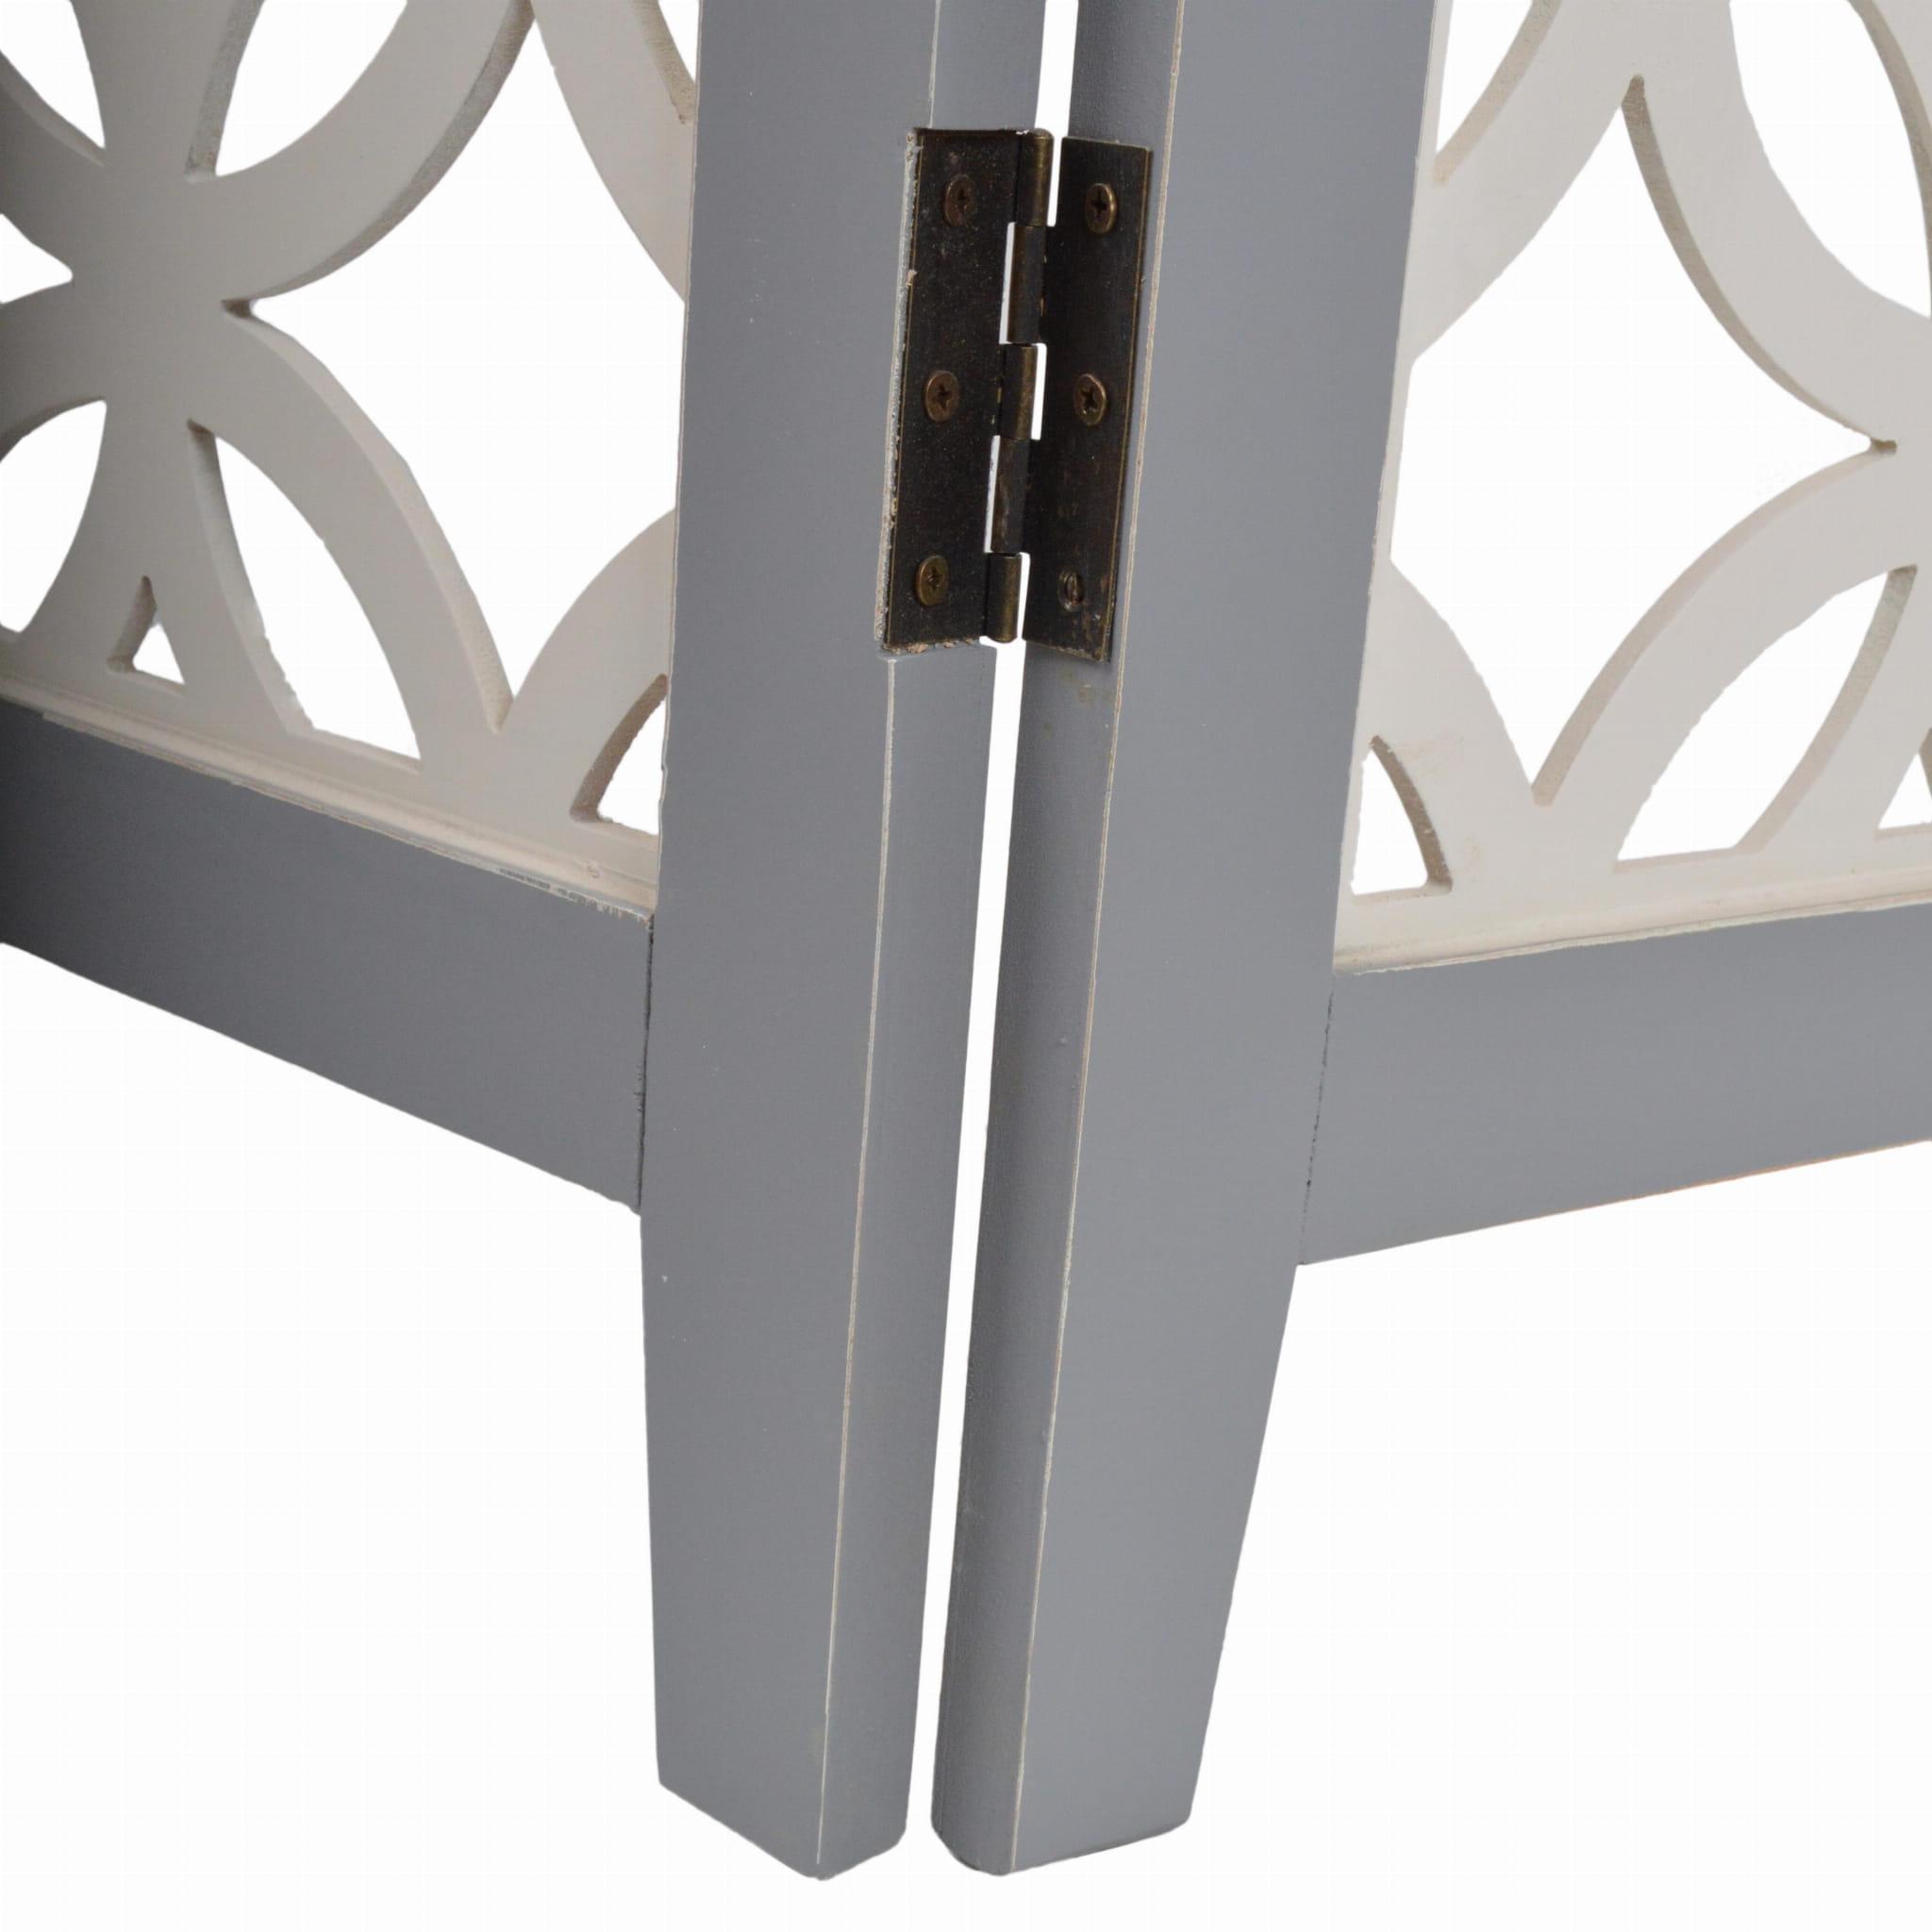 Parawan przecierany ażurowy szaro- biały 120x2,2x180 cm 24